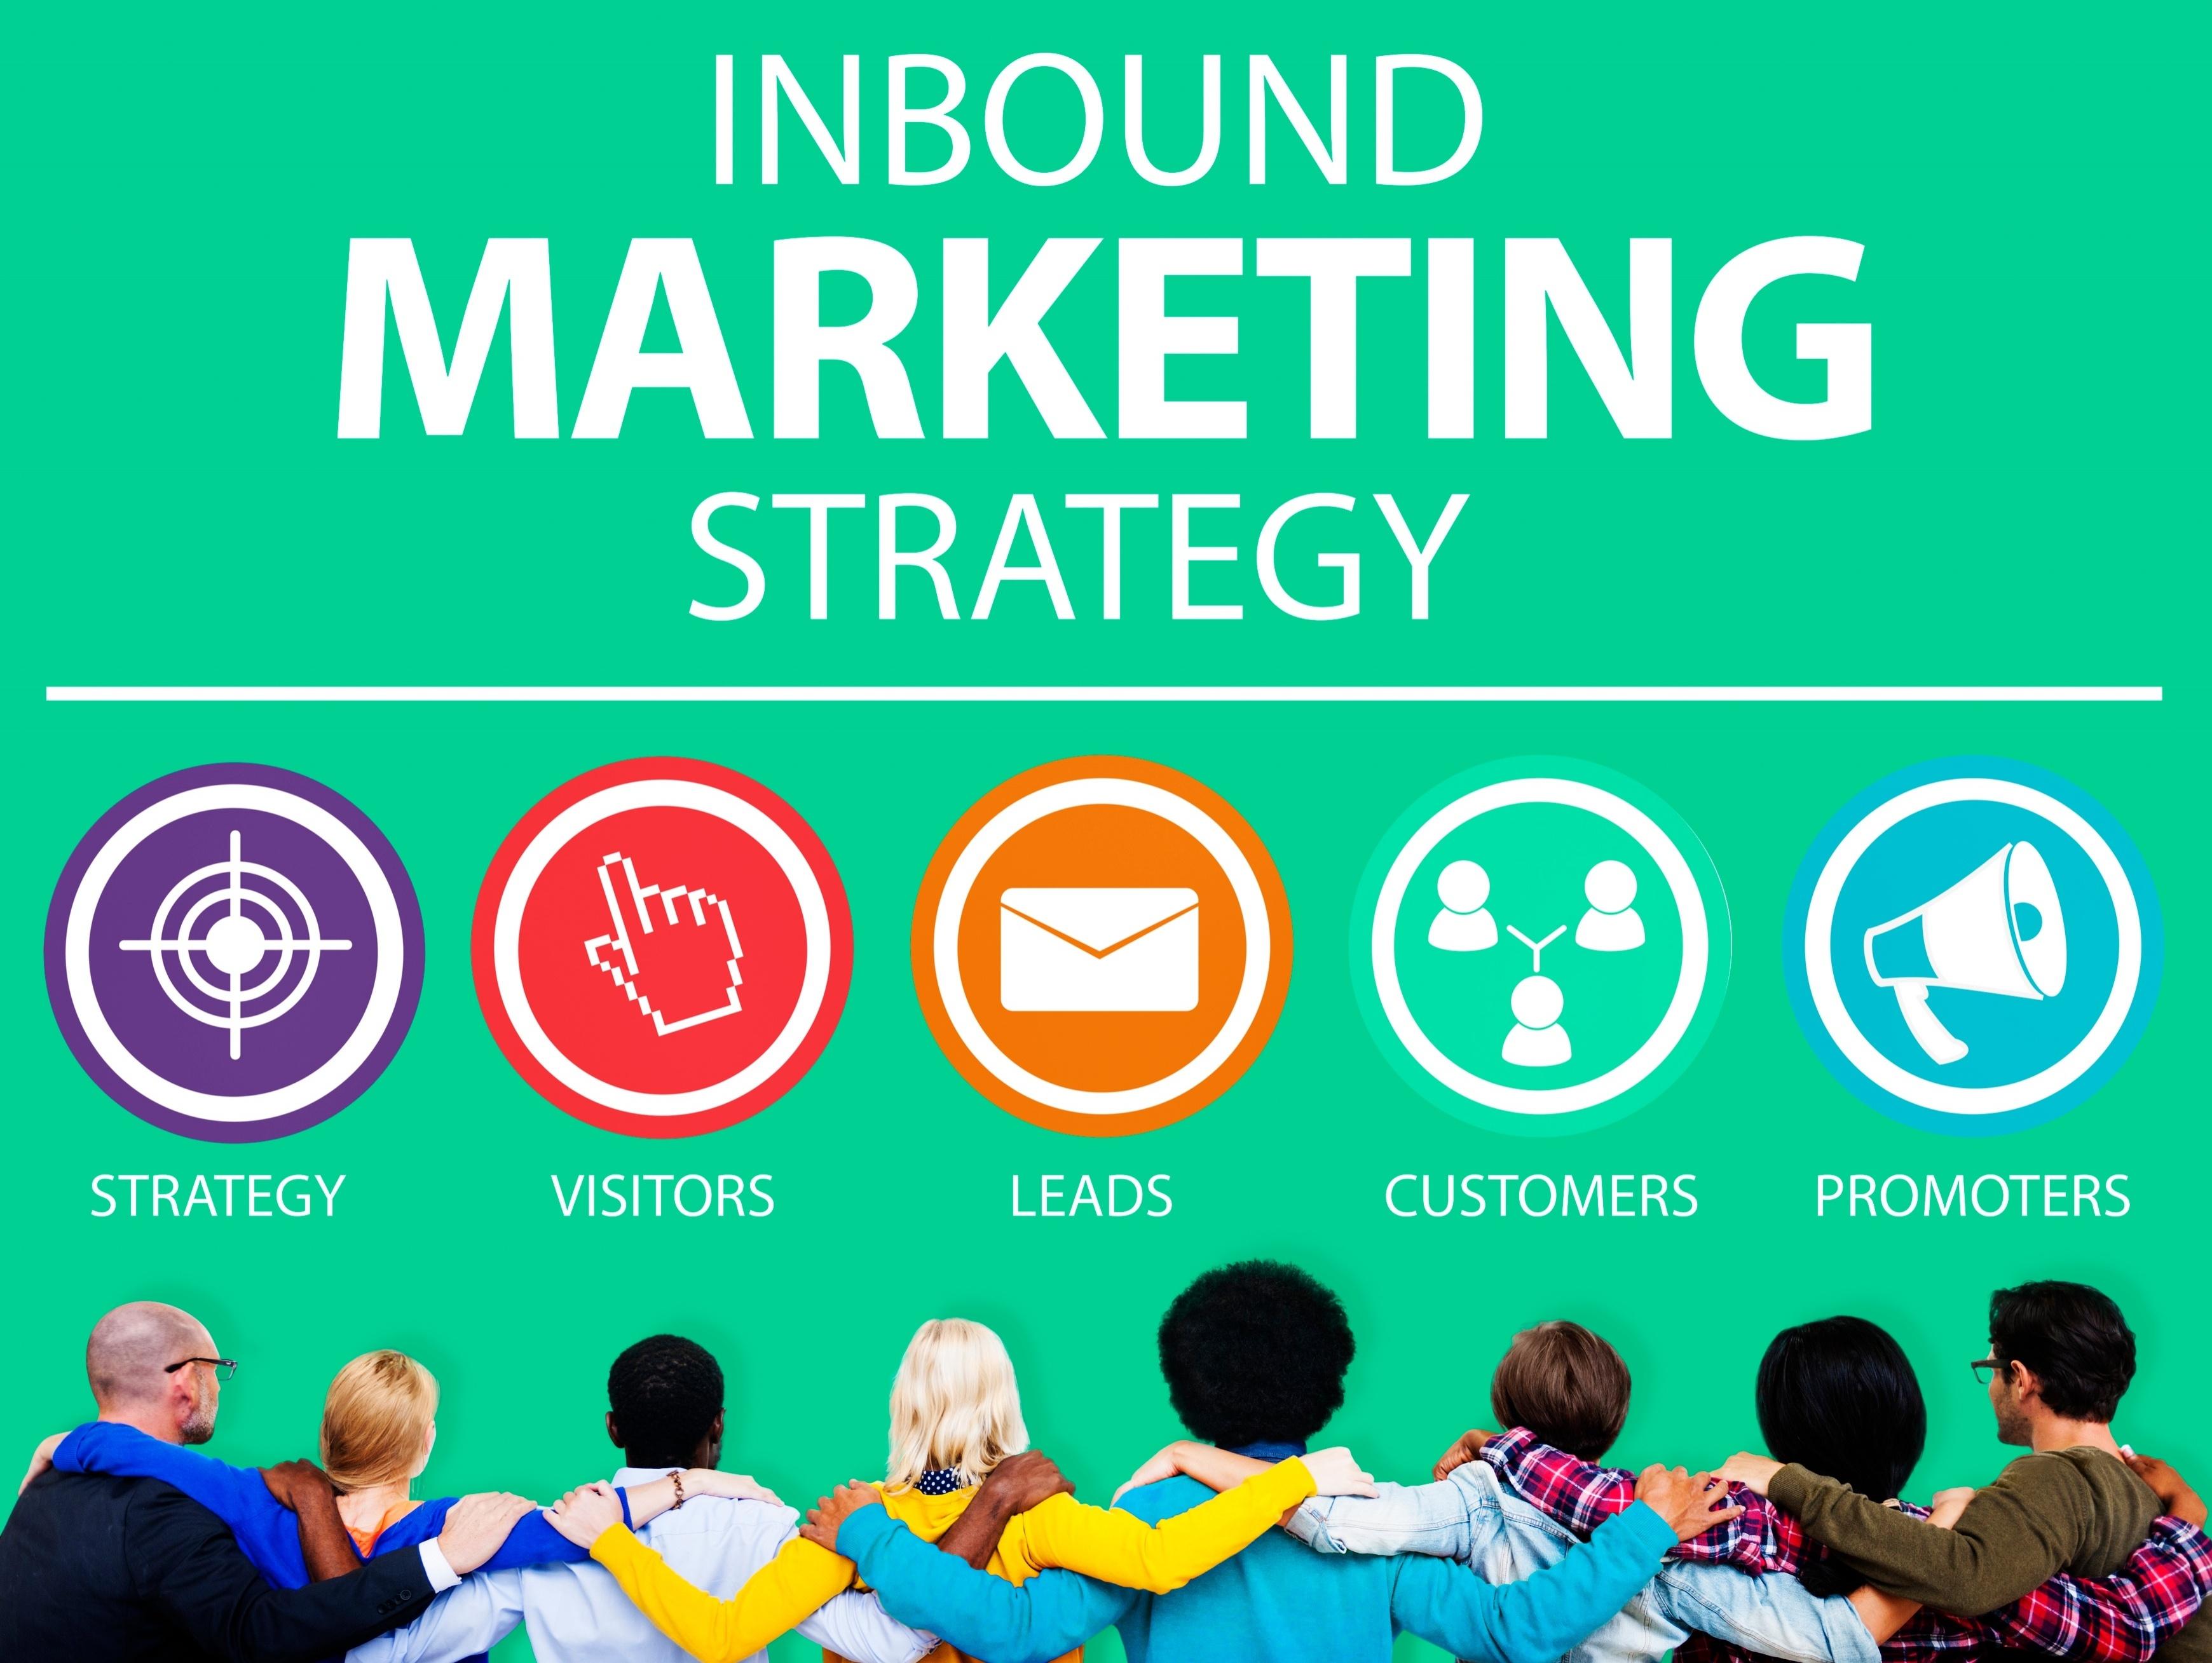 implementar Inbound Marketing